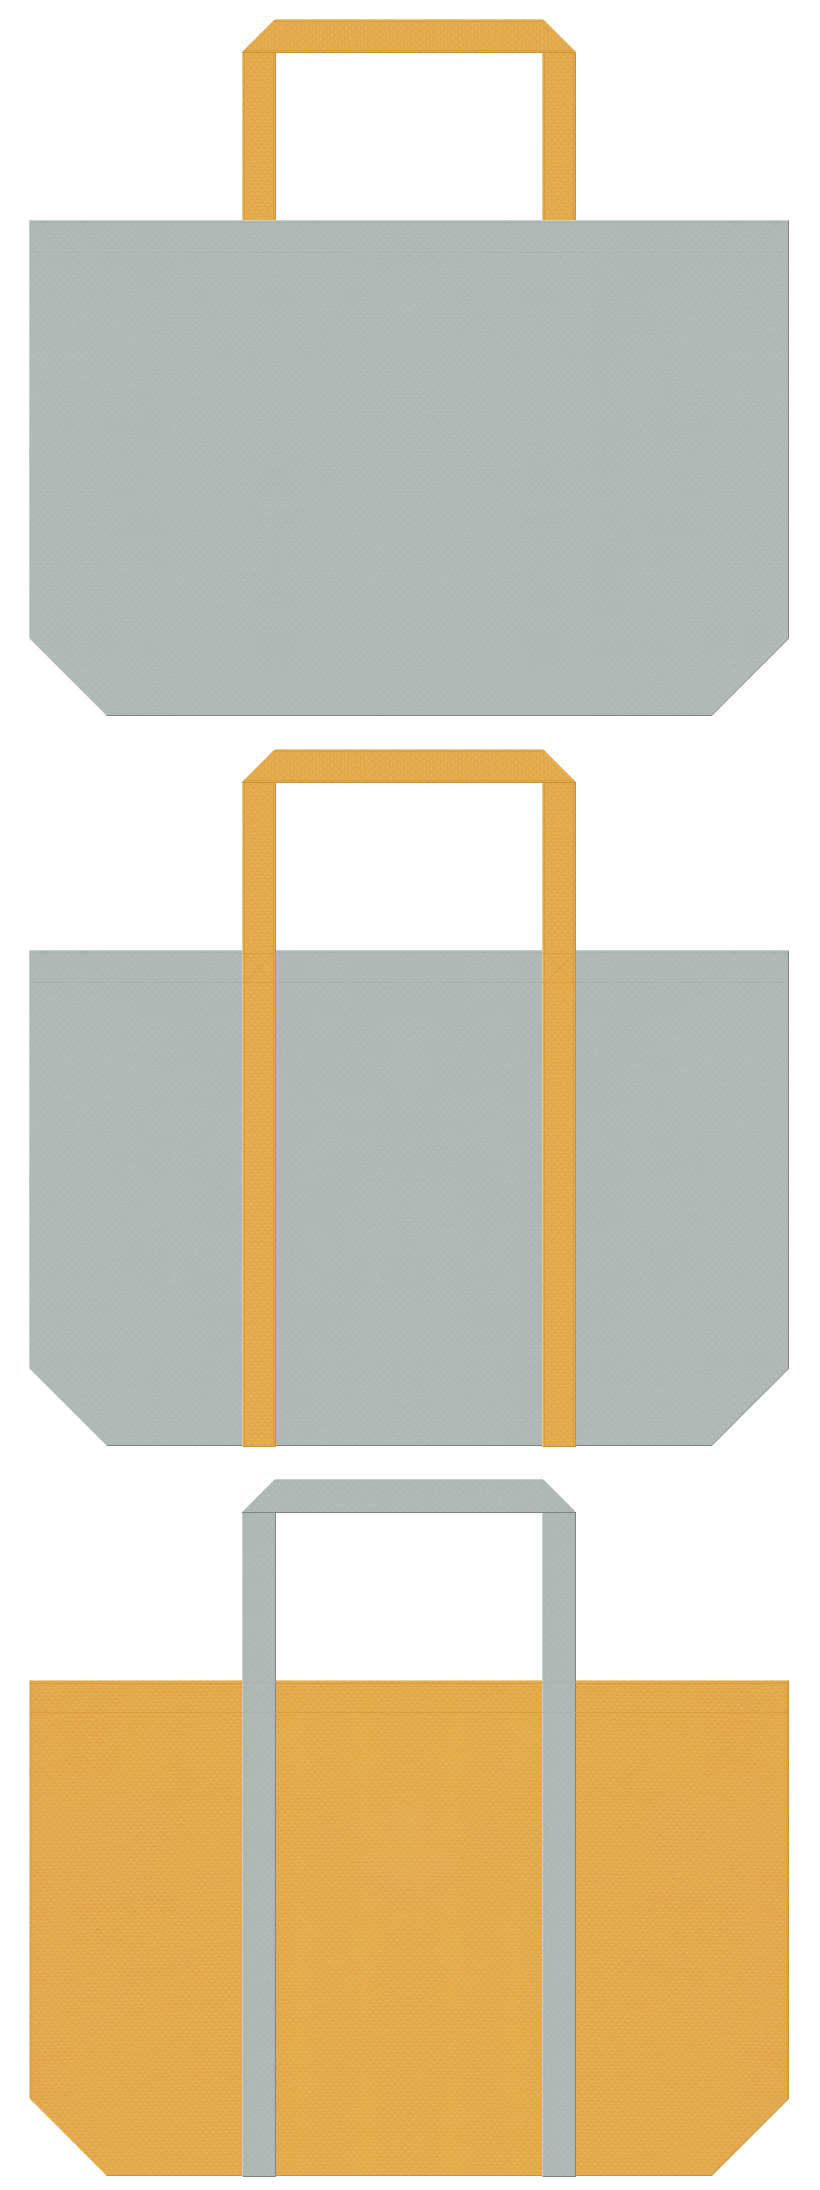 グレー色と黄土色の不織布エコバッグのデザイン。